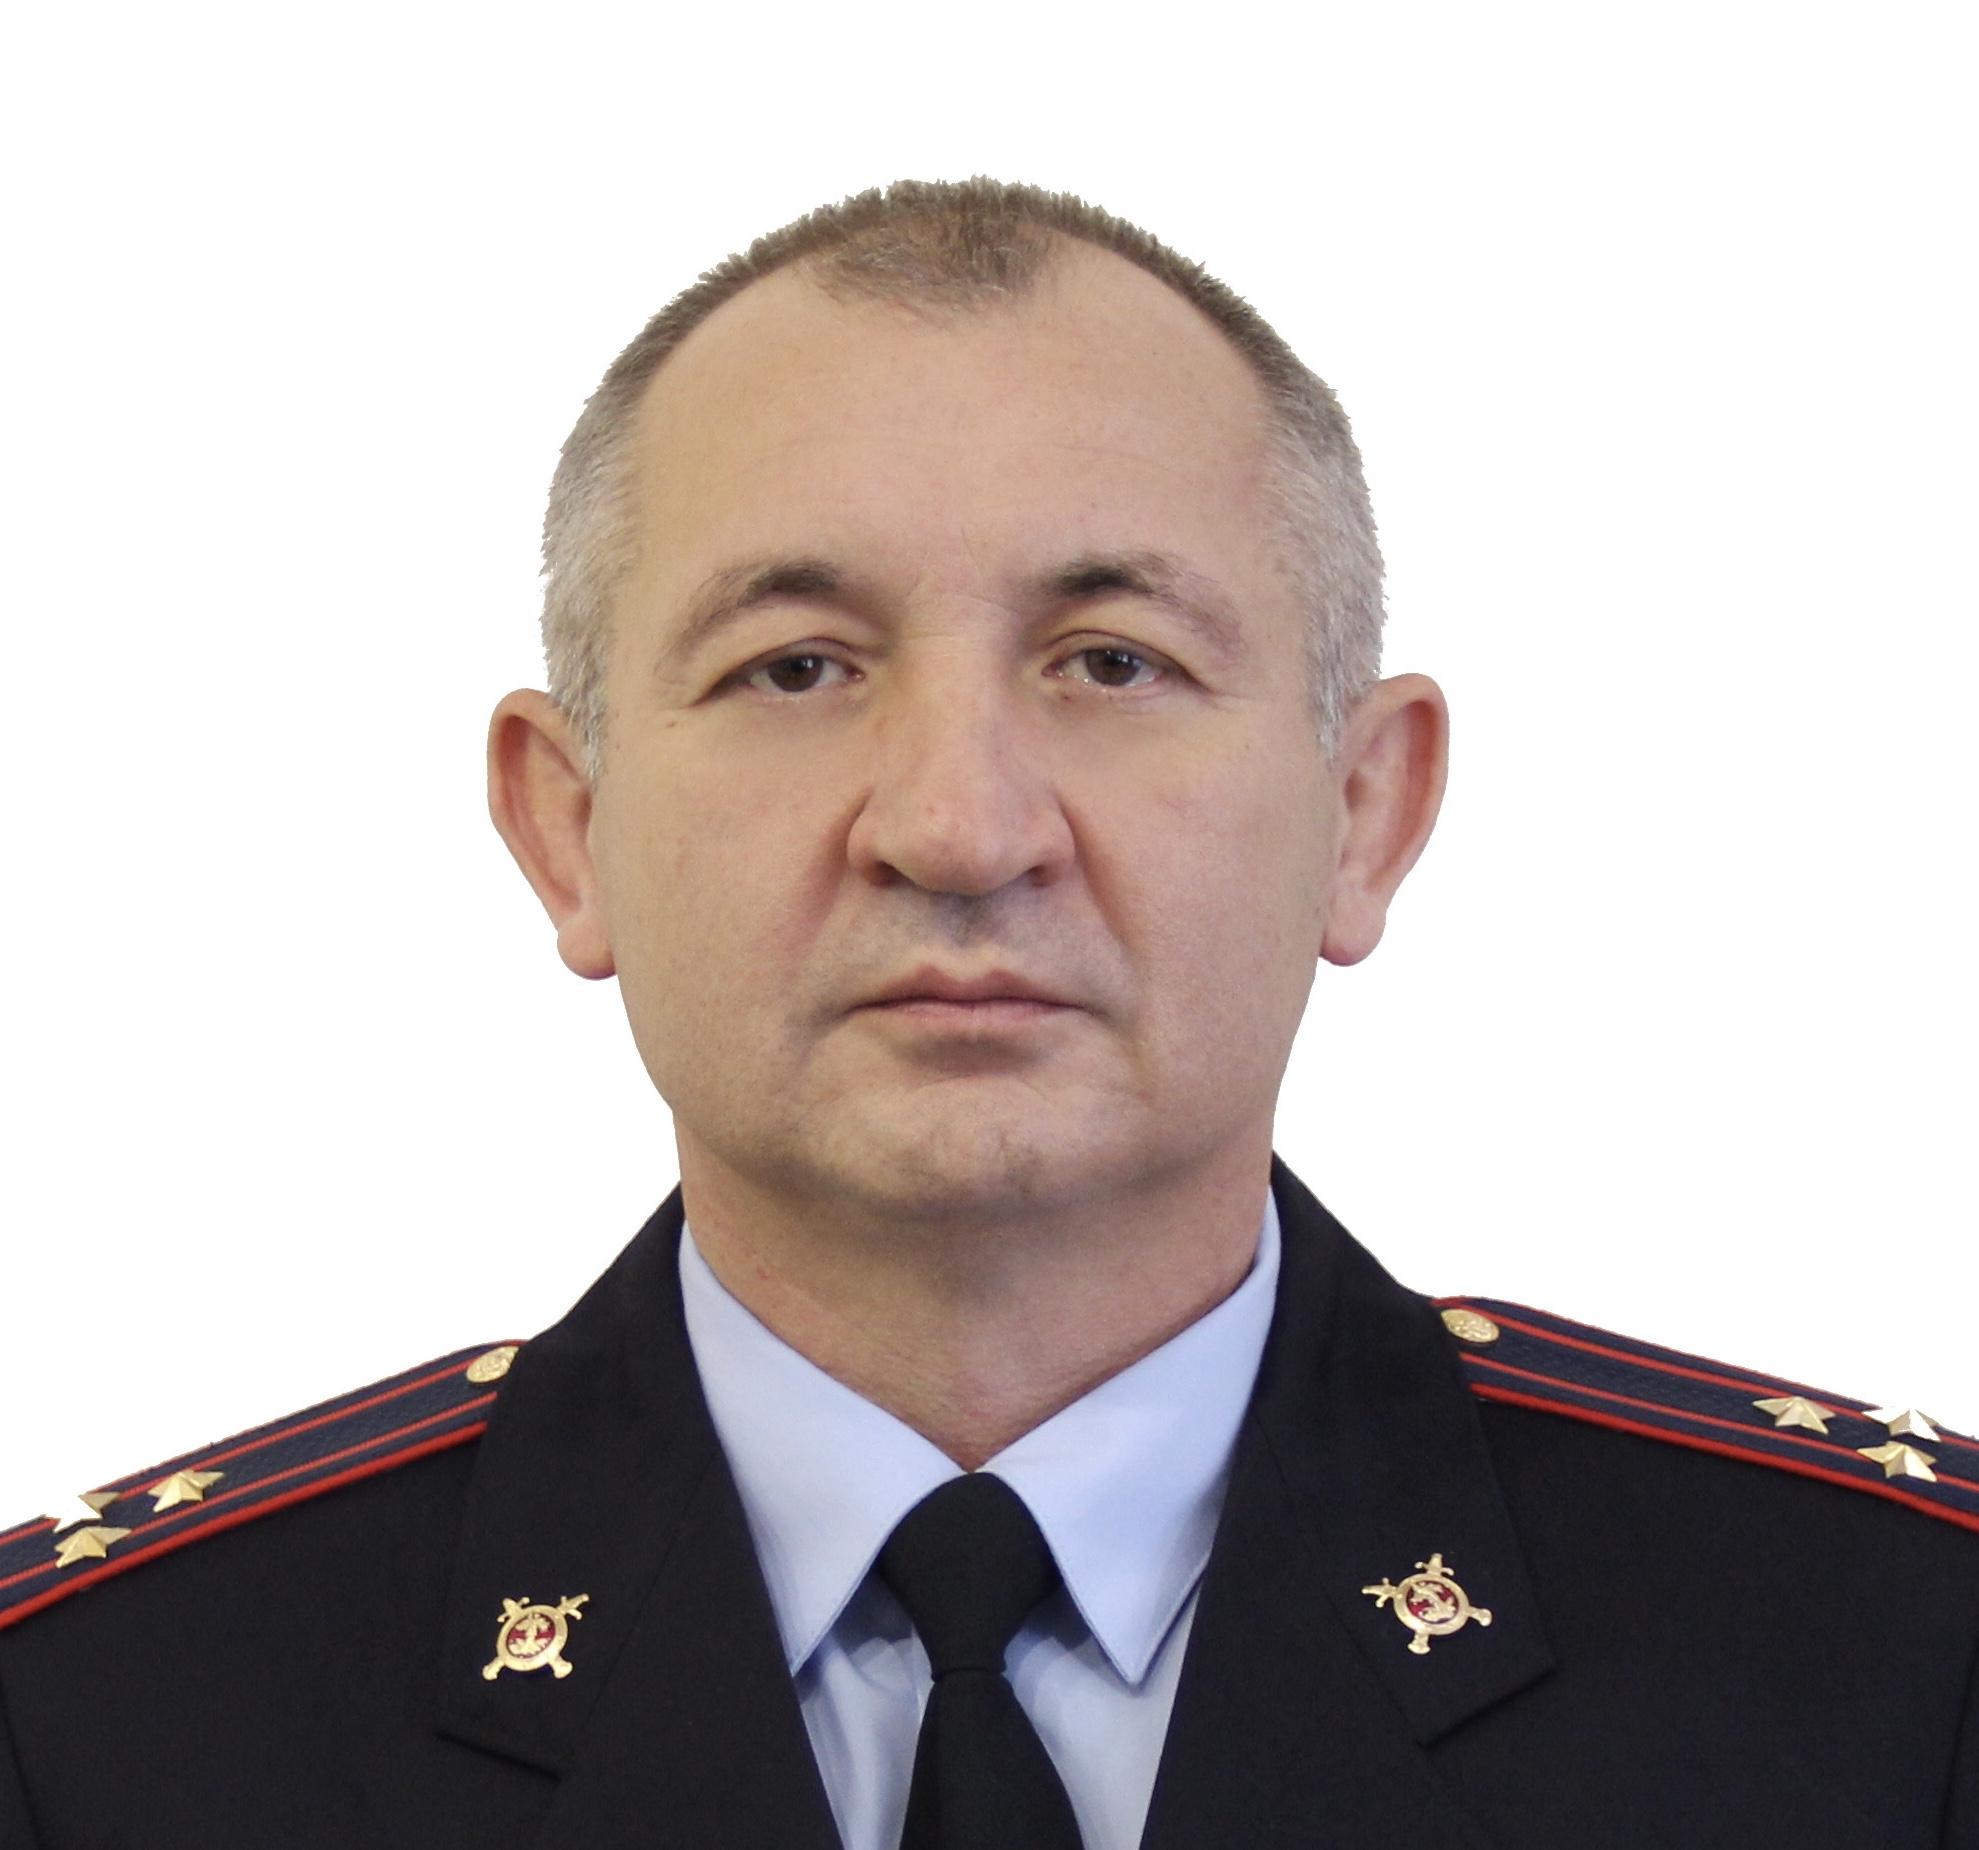 Уволен начальник Управления Росгвардии по Северной Осетии Эльбрус Рамонов